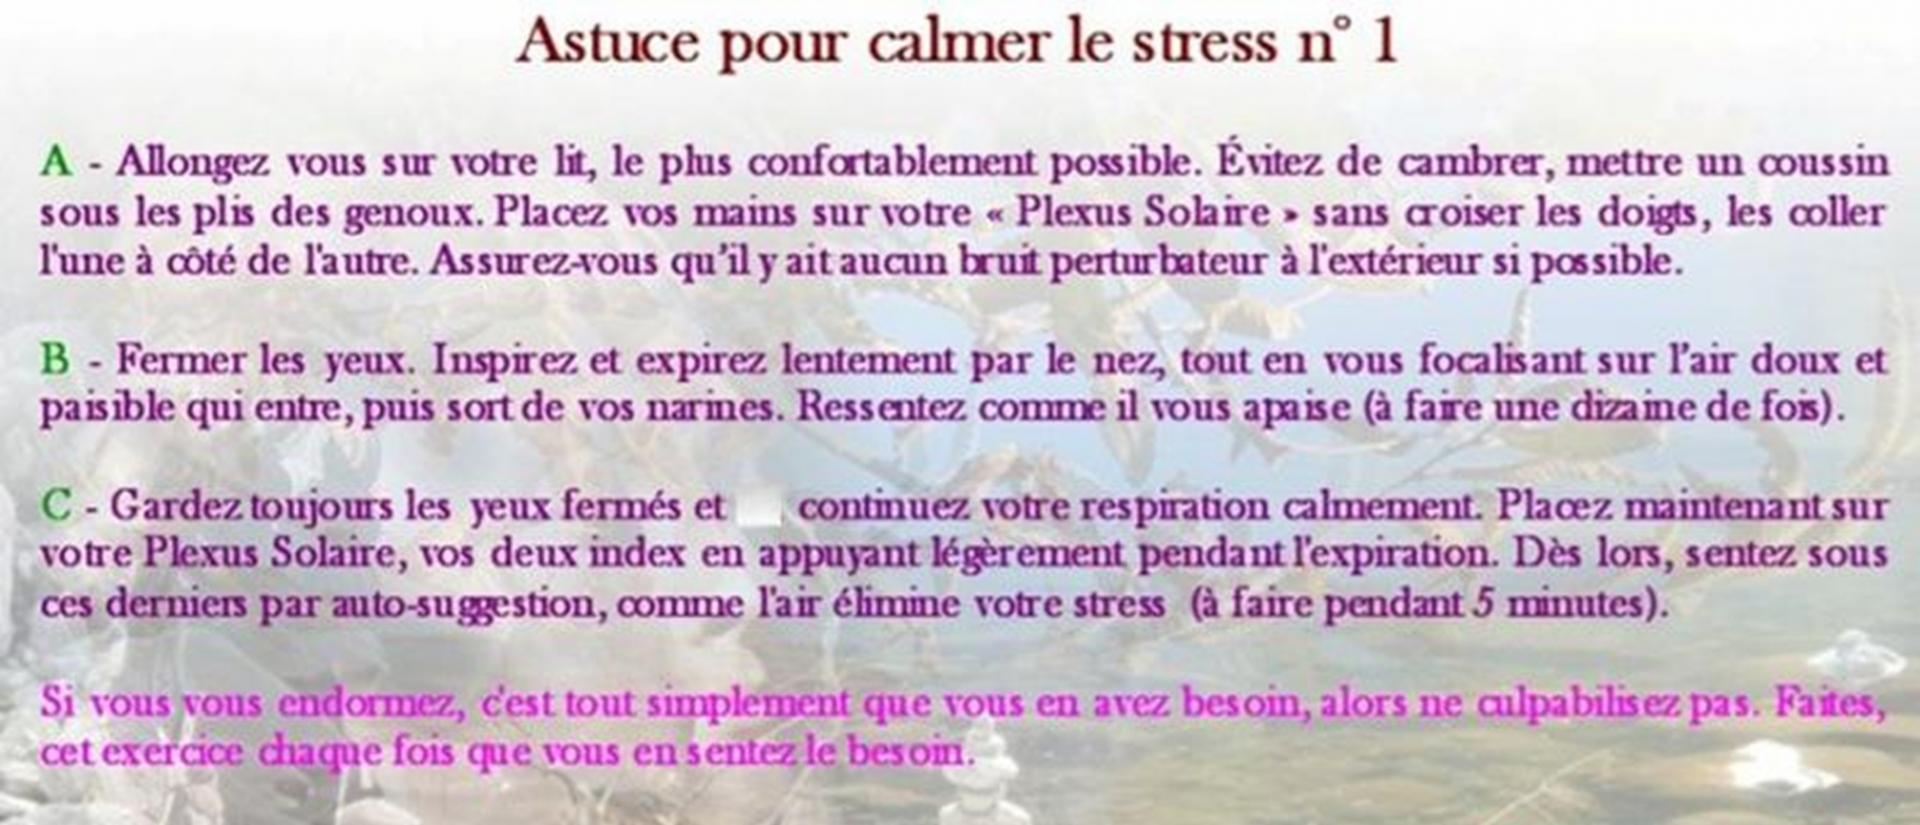 Astuce pour calmer le stress n 1